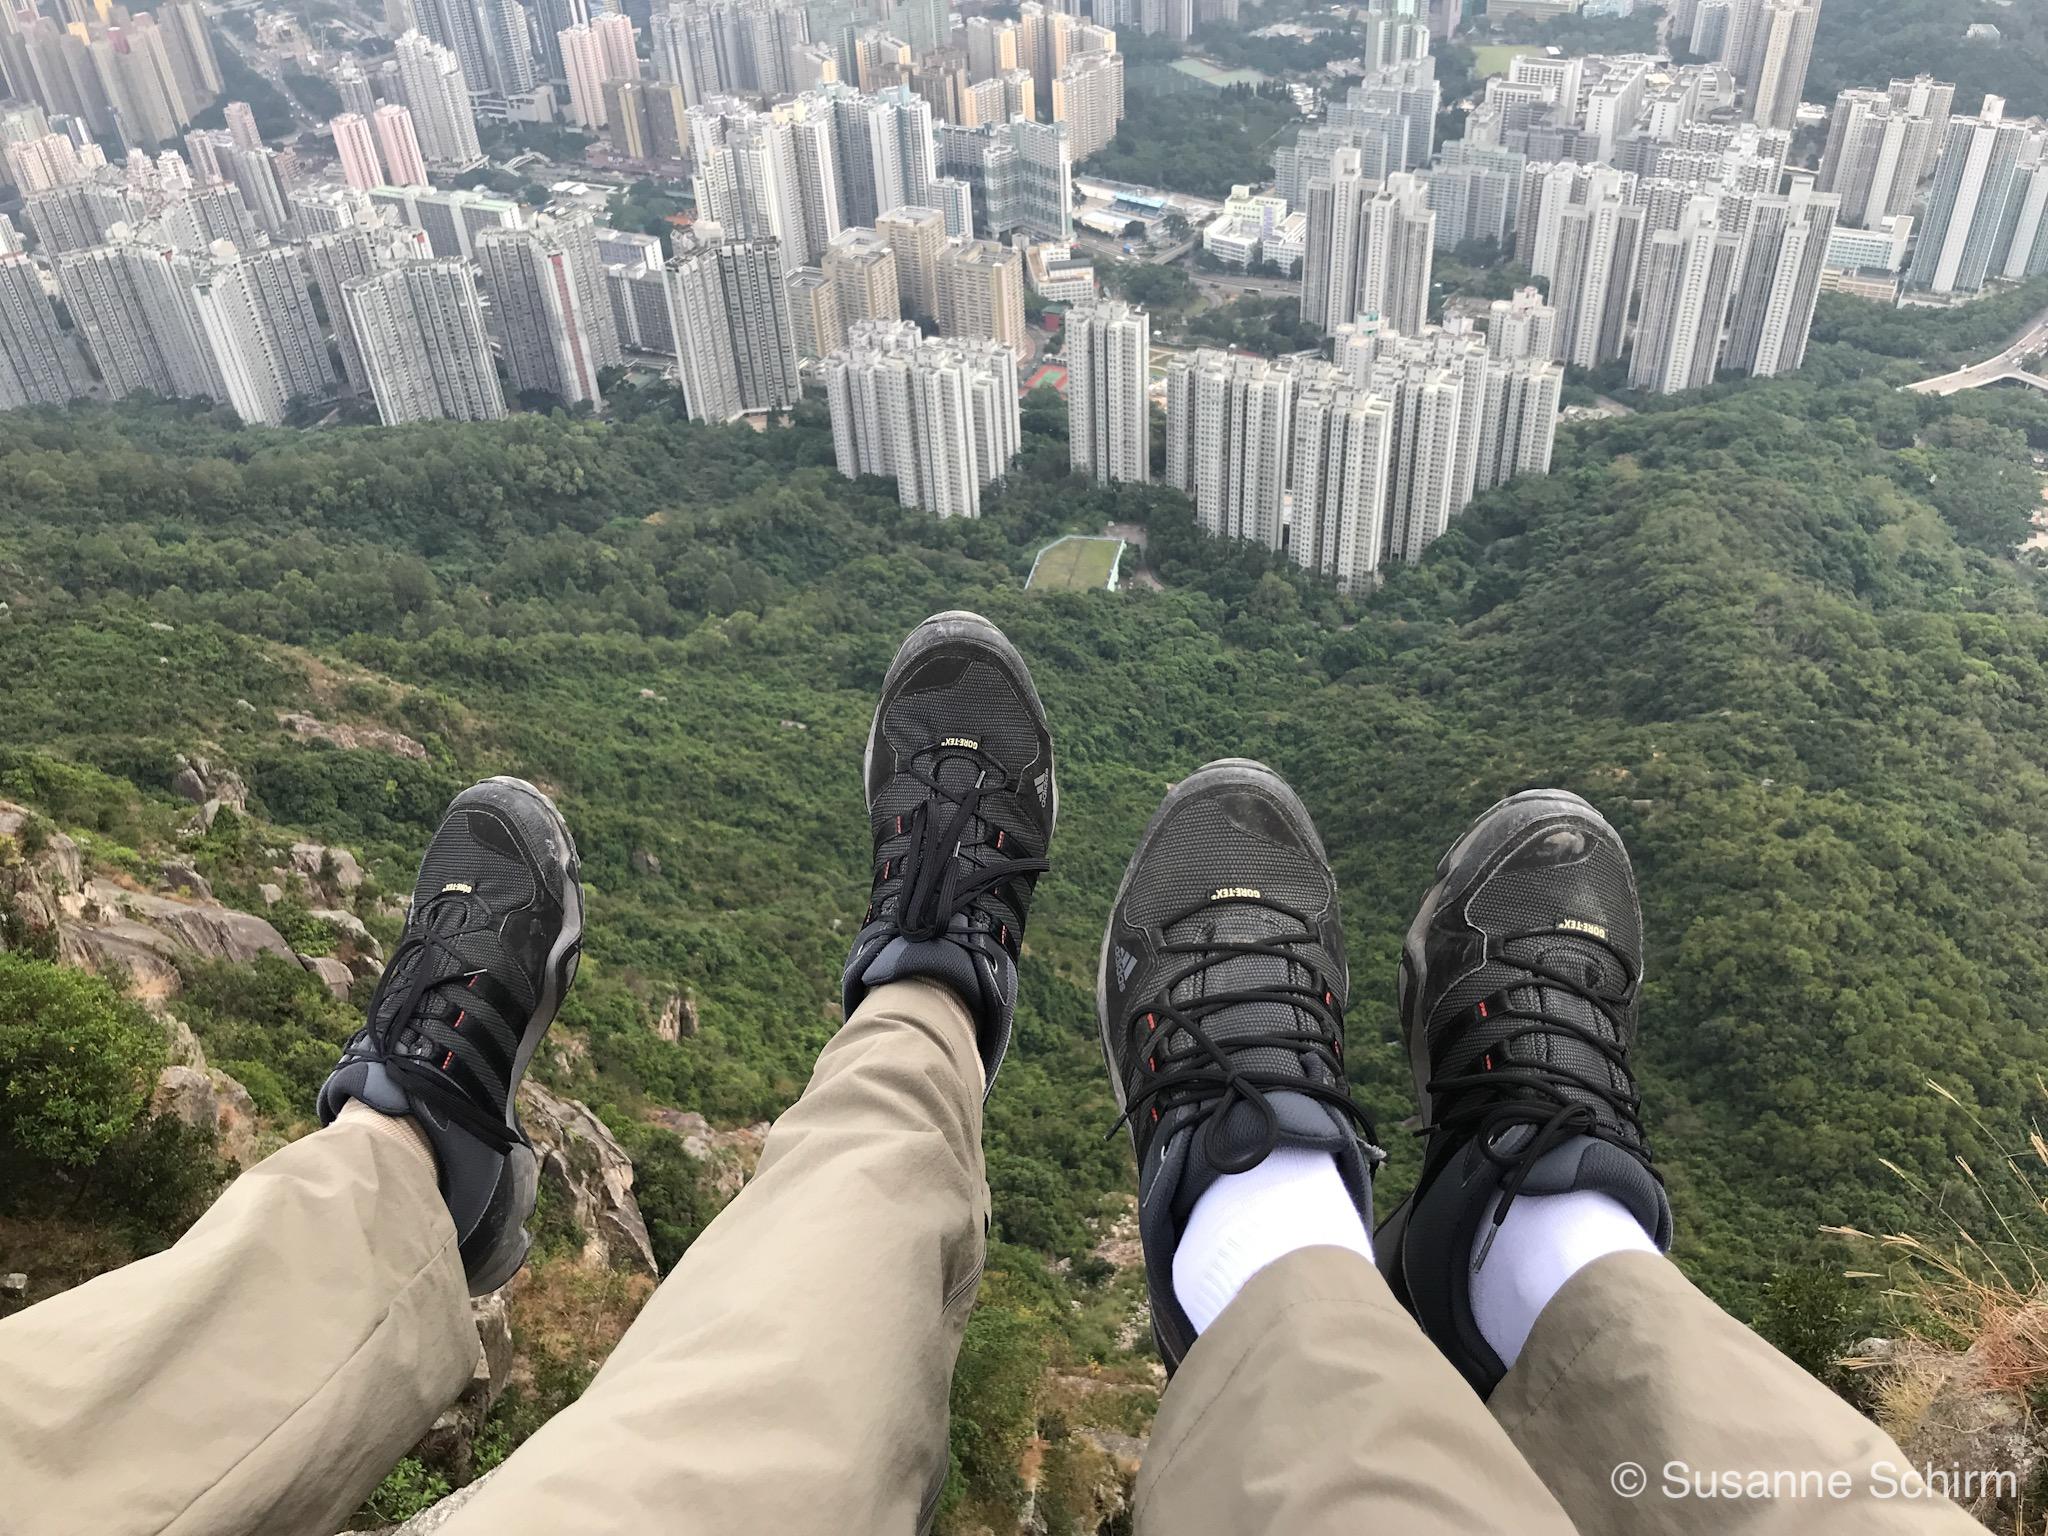 Über den Häuserschluchten von Kowloon